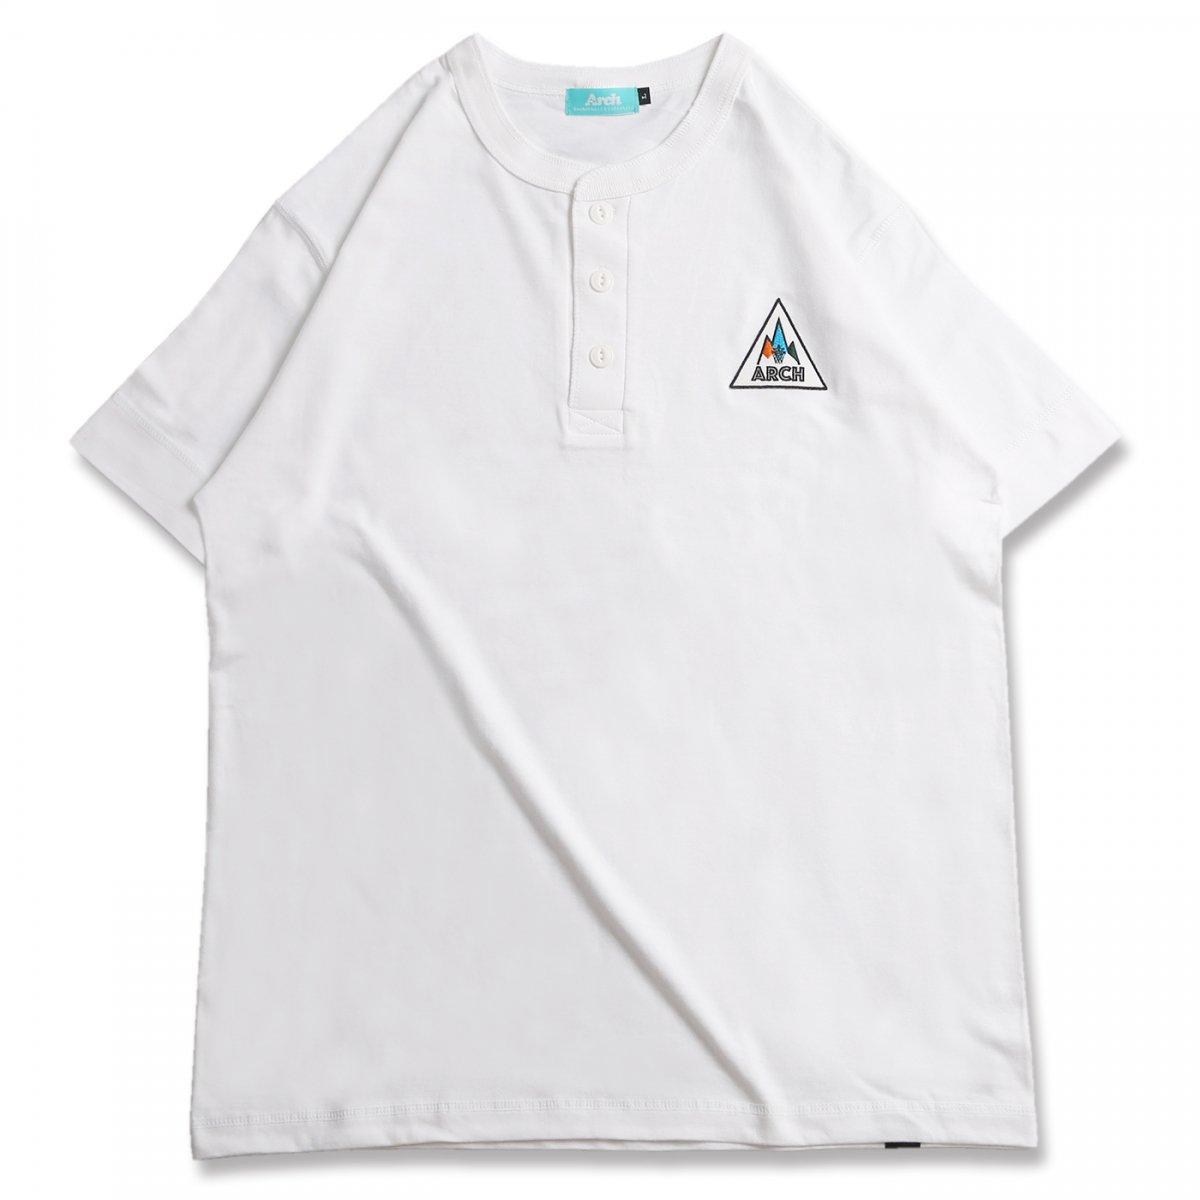 バスケ アーチ ゴーアラウンド ヘンリー Tシャツ ホワイト